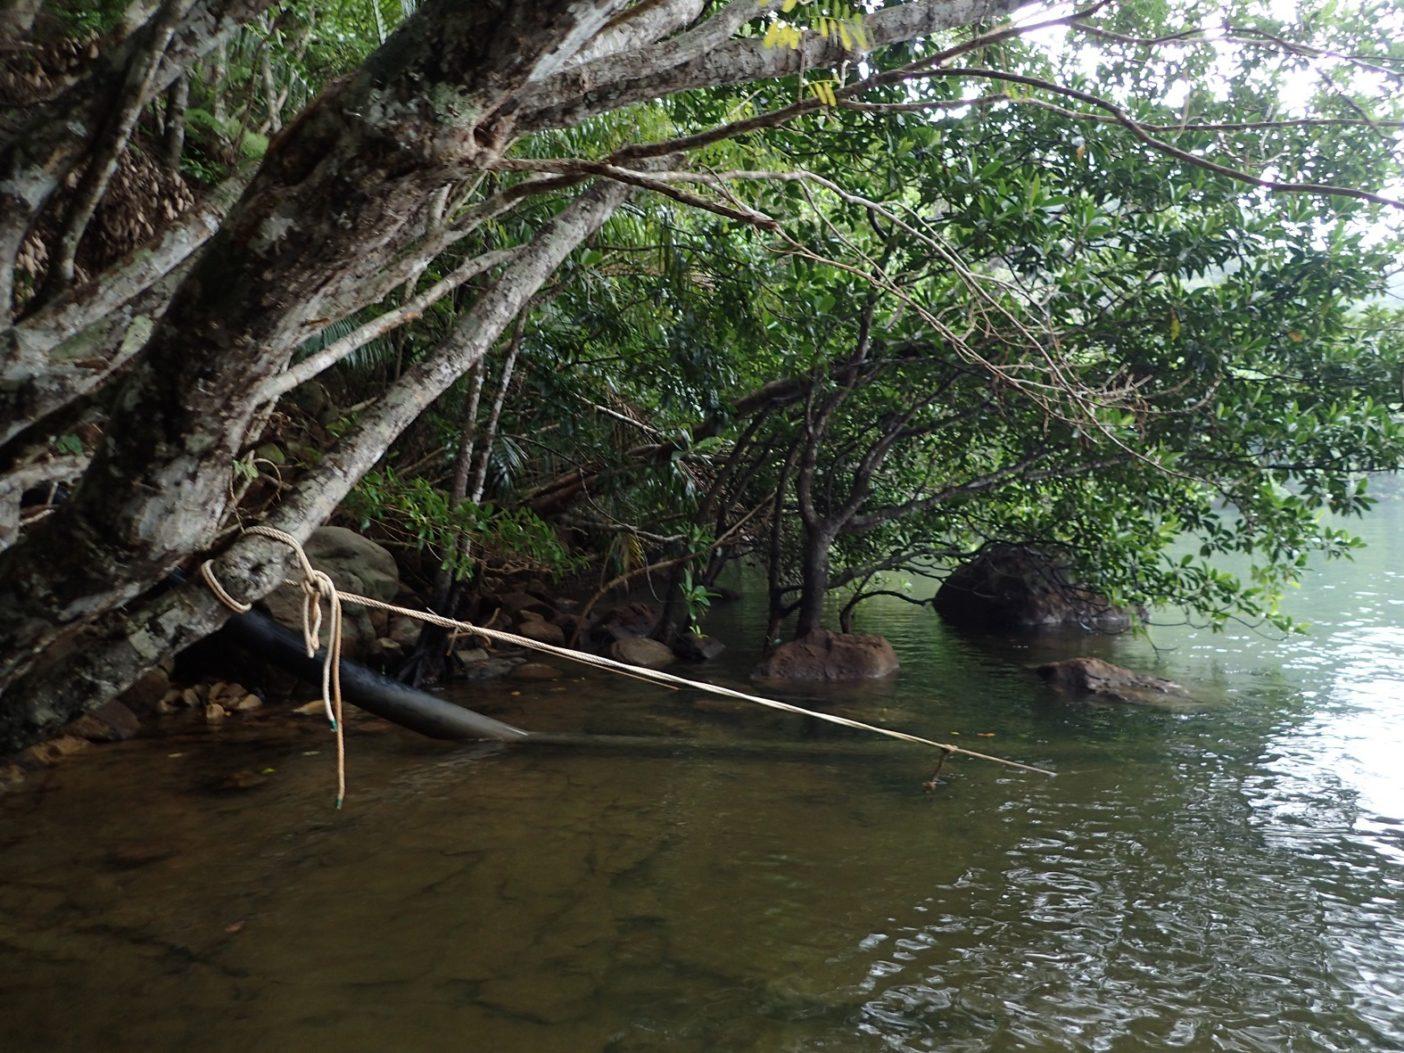 浦内川での取水パイプの終点。ここからさらに山中を上原地区の浄水場まで延びている。写真:中根淳一